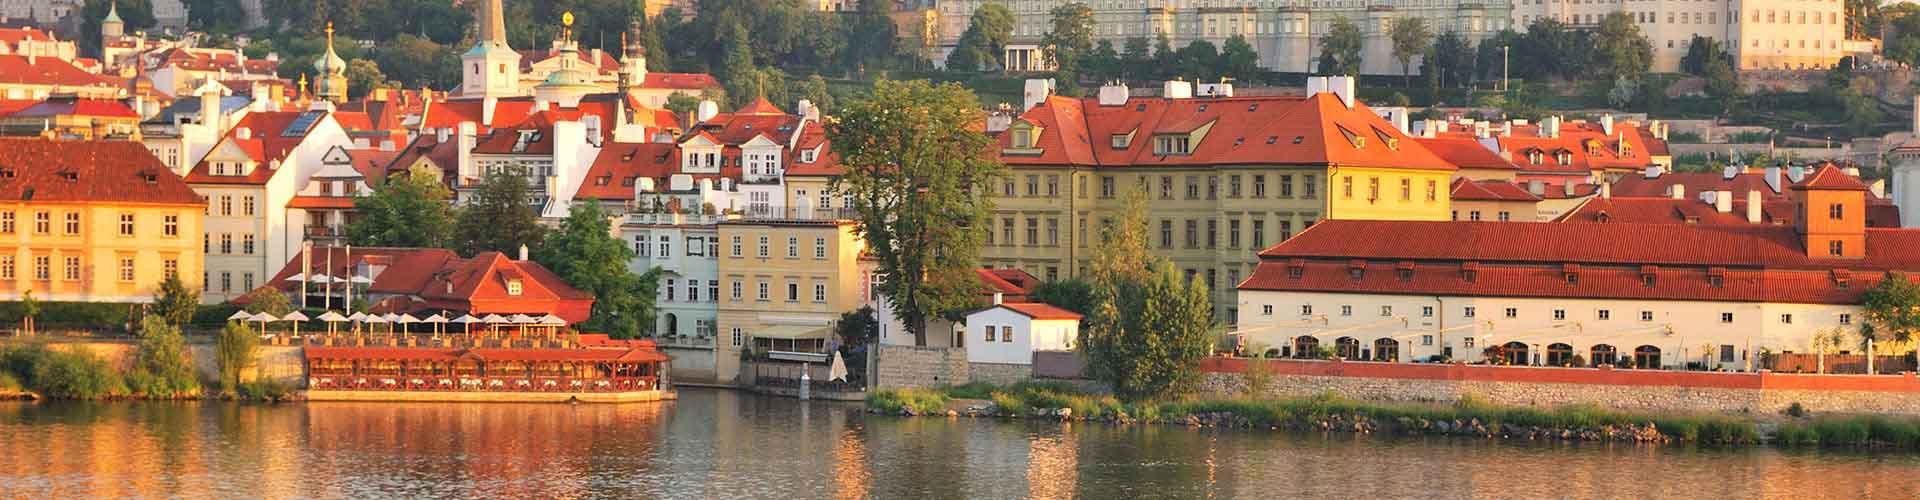 布拉格 – 布拉格城堡附近的公寓。布拉格地图,布拉格每间公寓的照片和评价。